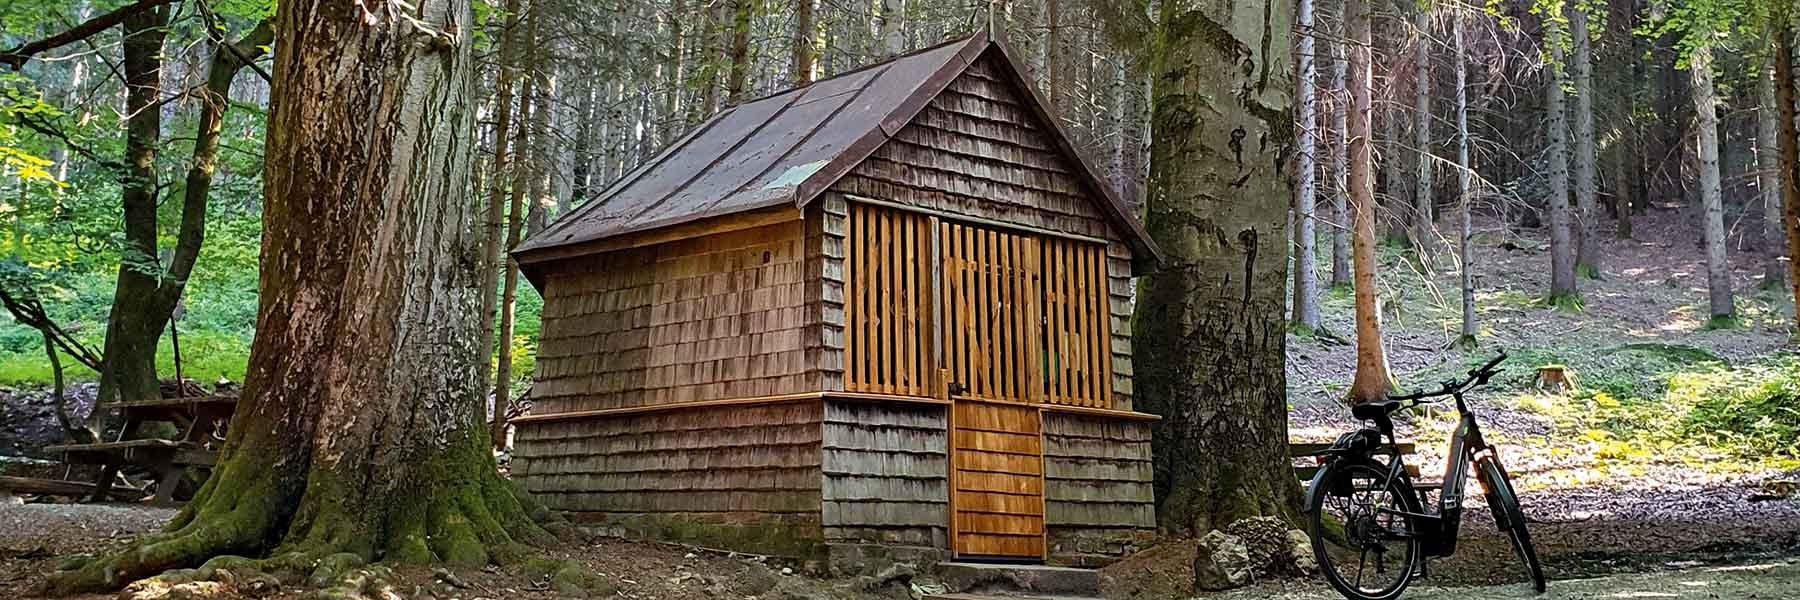 Holzkapelle im Wald in der Lugenz bei Bad Birnbach